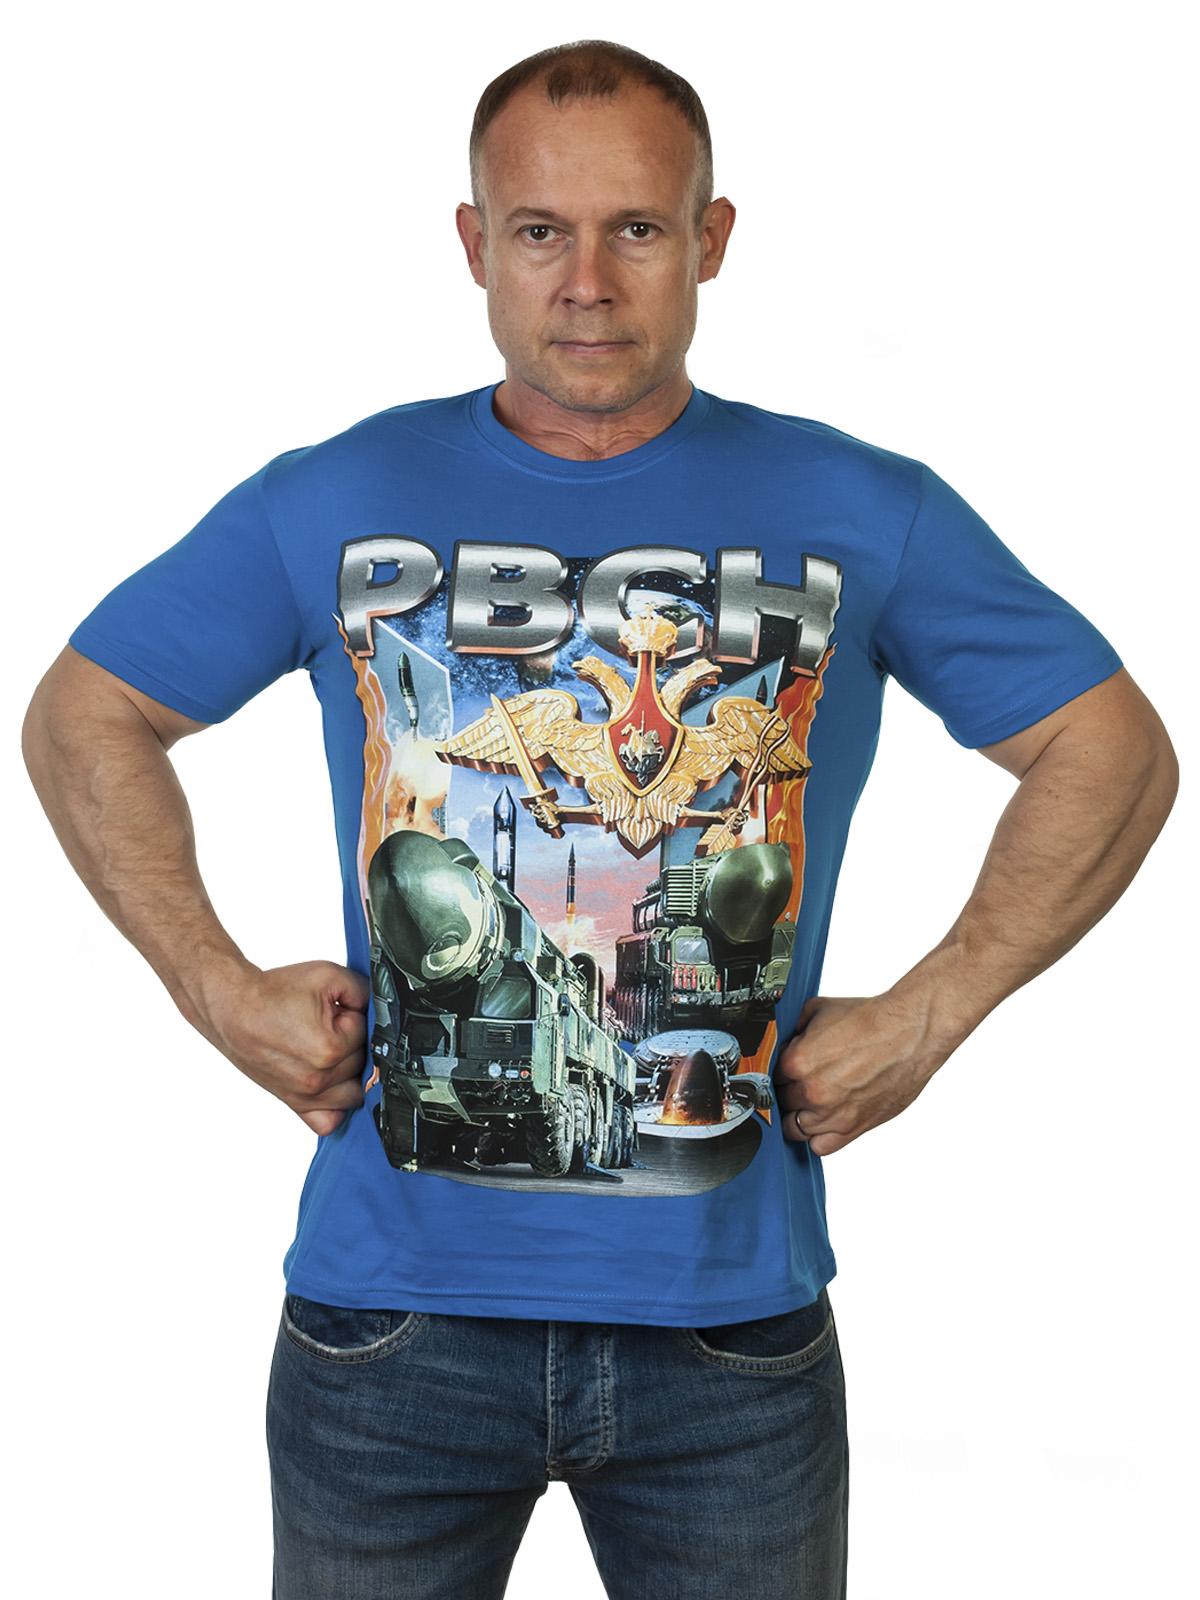 Военные футболки по цене производителя – выносливое качество, доставка по РФ